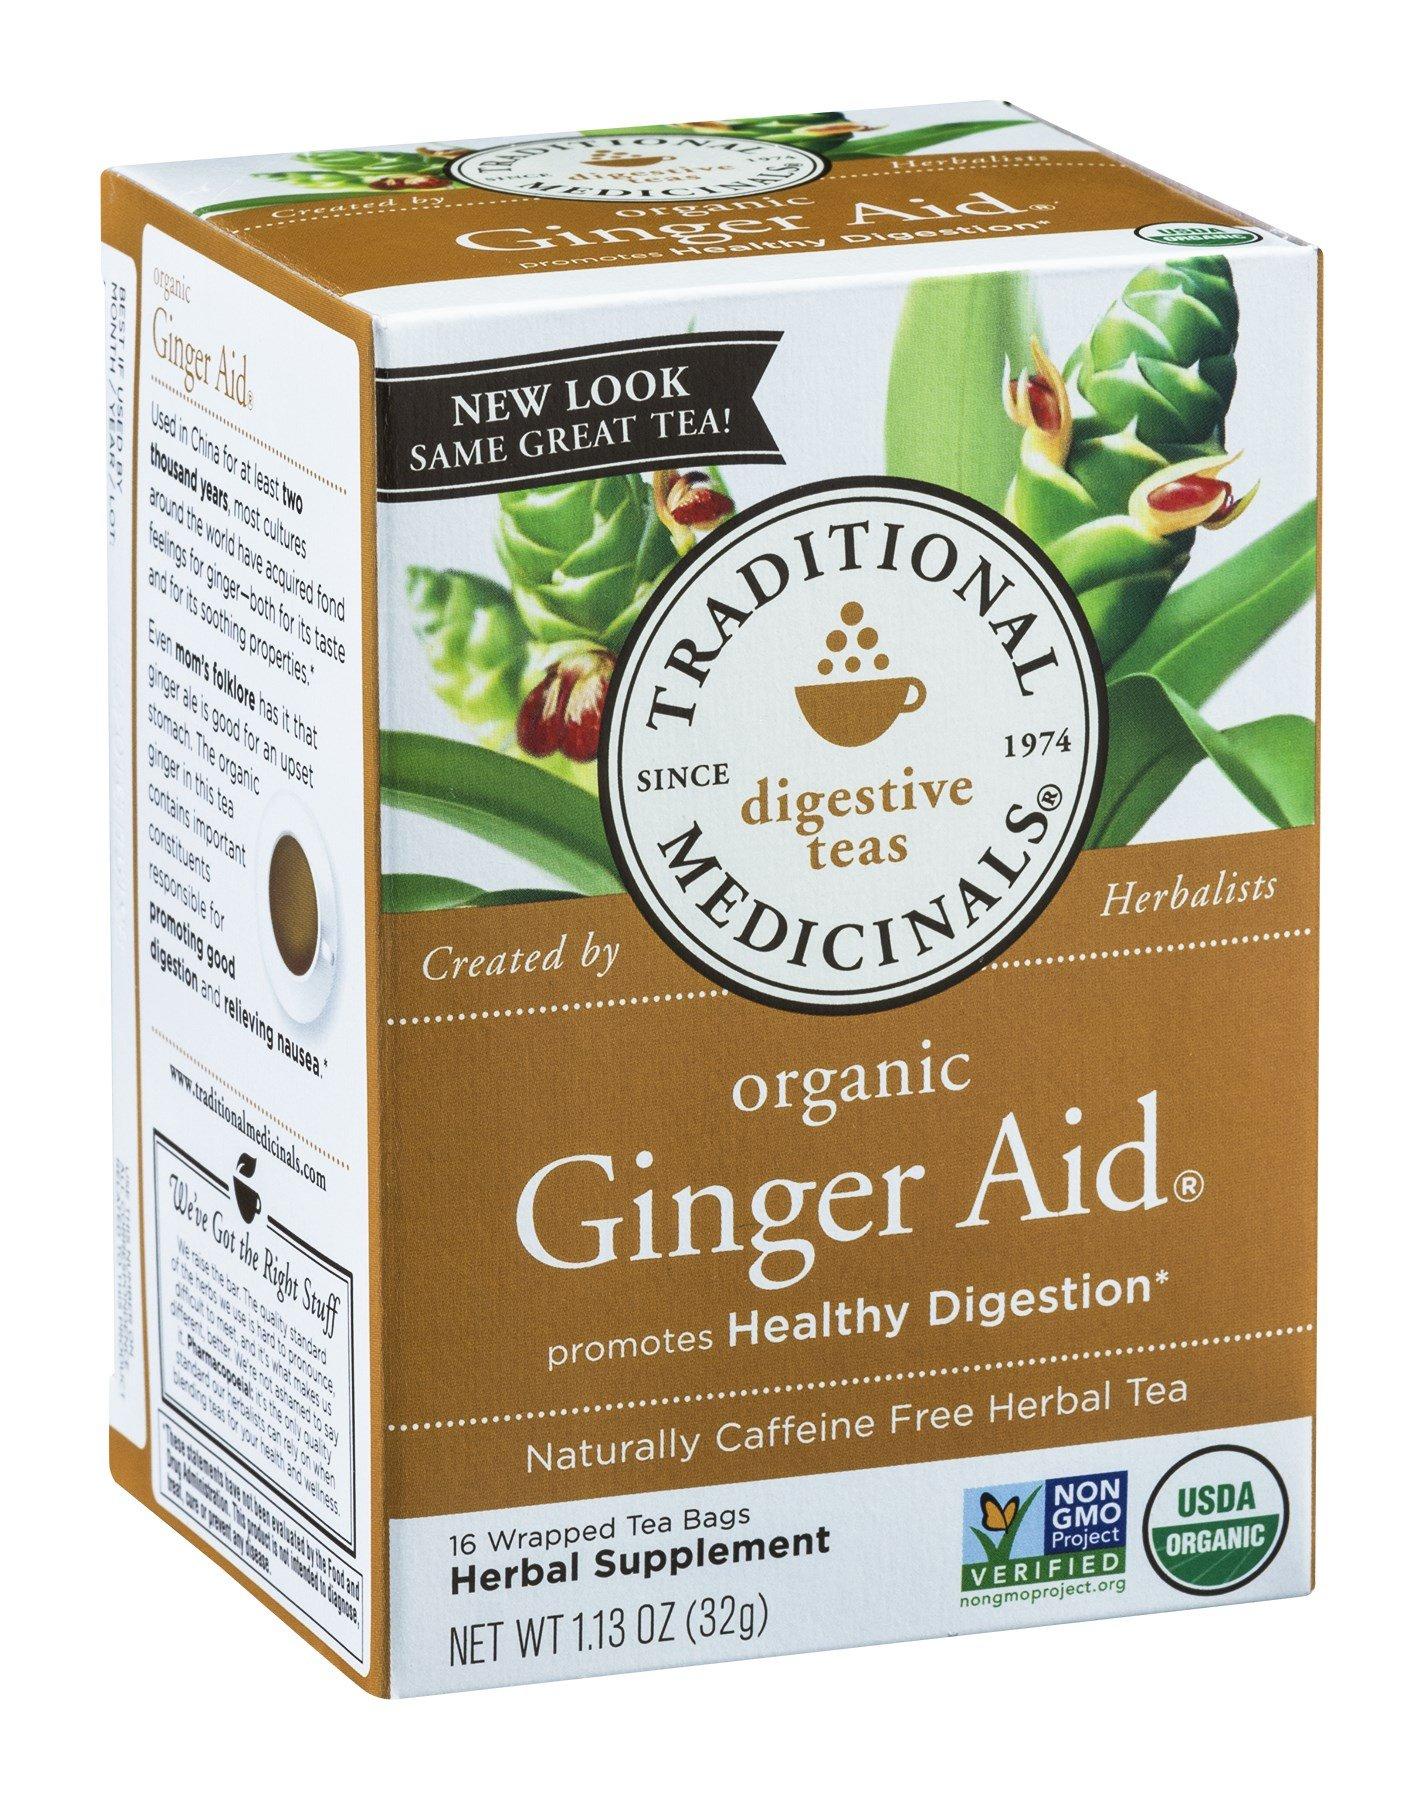 Traditional Medicinals Herb Tea Og2 Ginger Aid 16 Bag